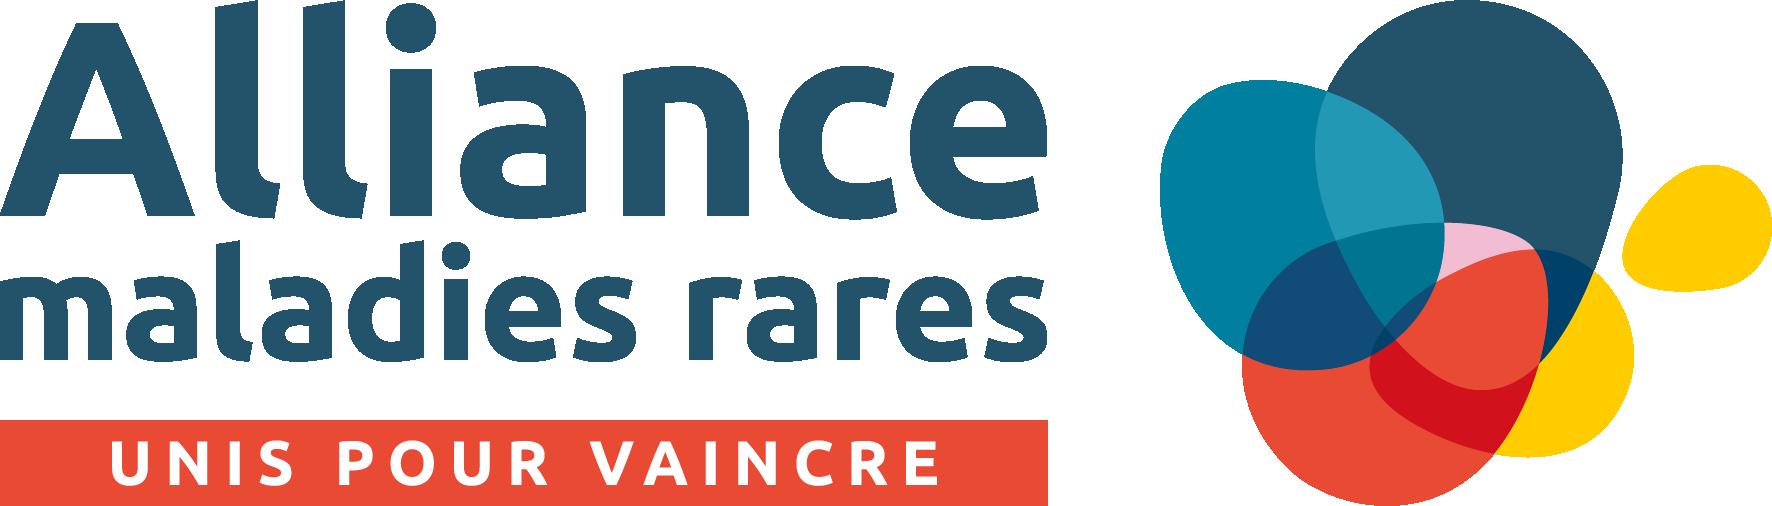 Nous recherchons des bénévoles pour la région Auvergne-Rhône Alpes !